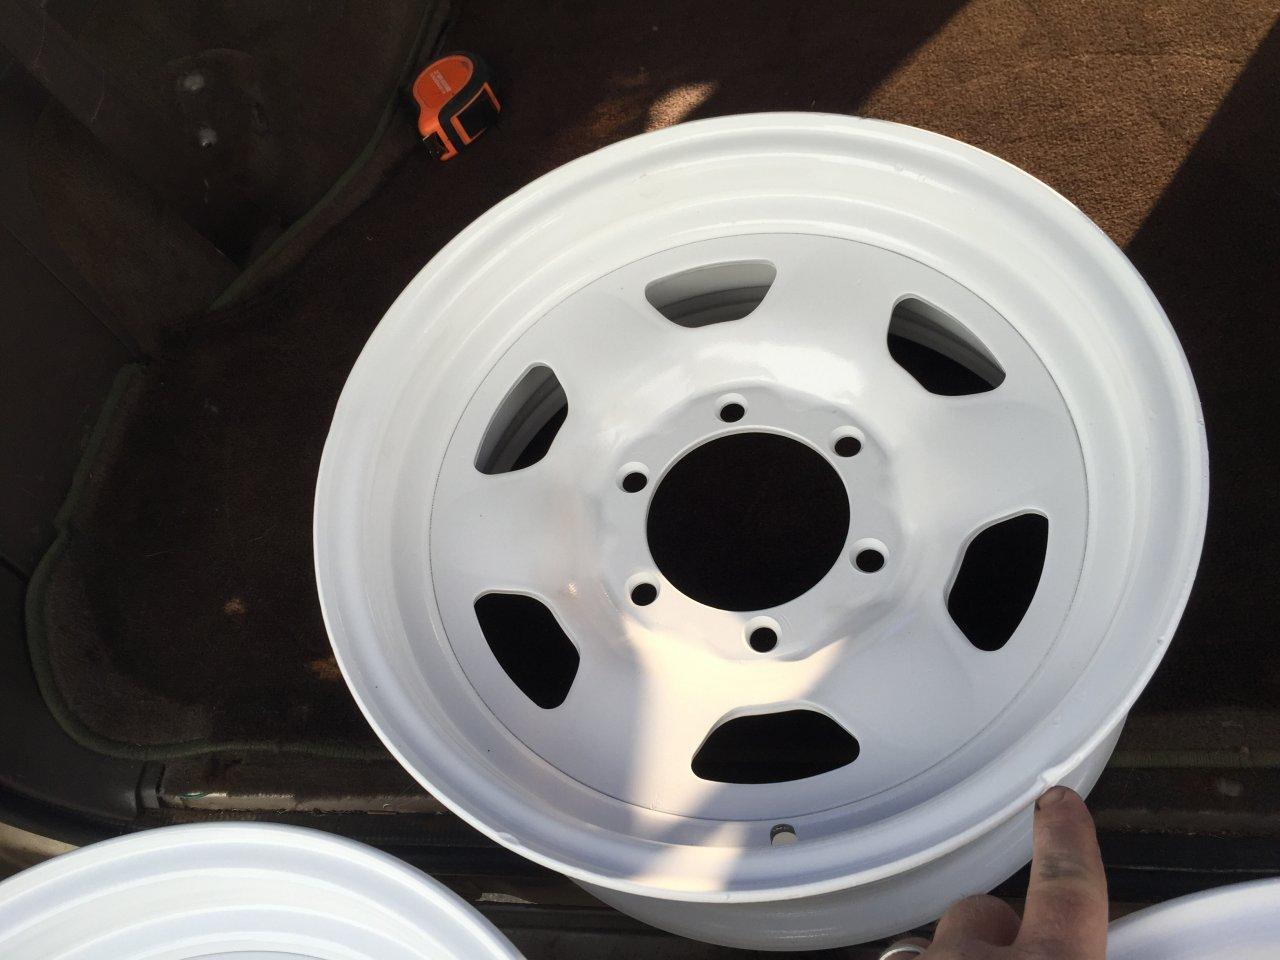 For Sale 5x Powder Coated 81 Fj40 Fj60 15 Quot Oem Wheels